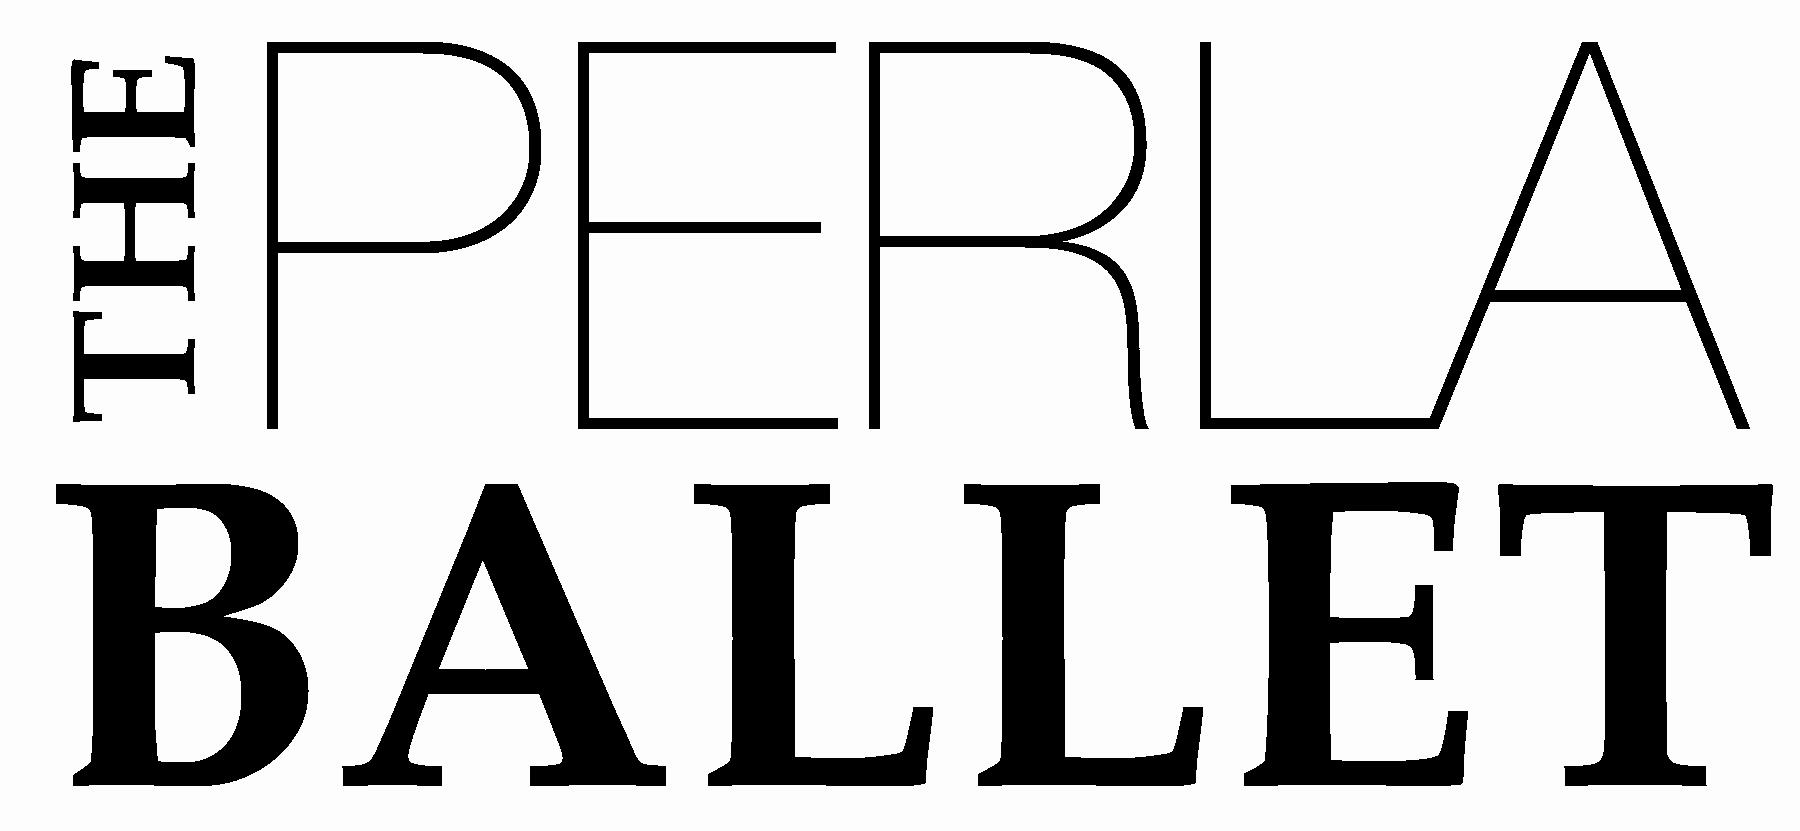 The Perla Ballet